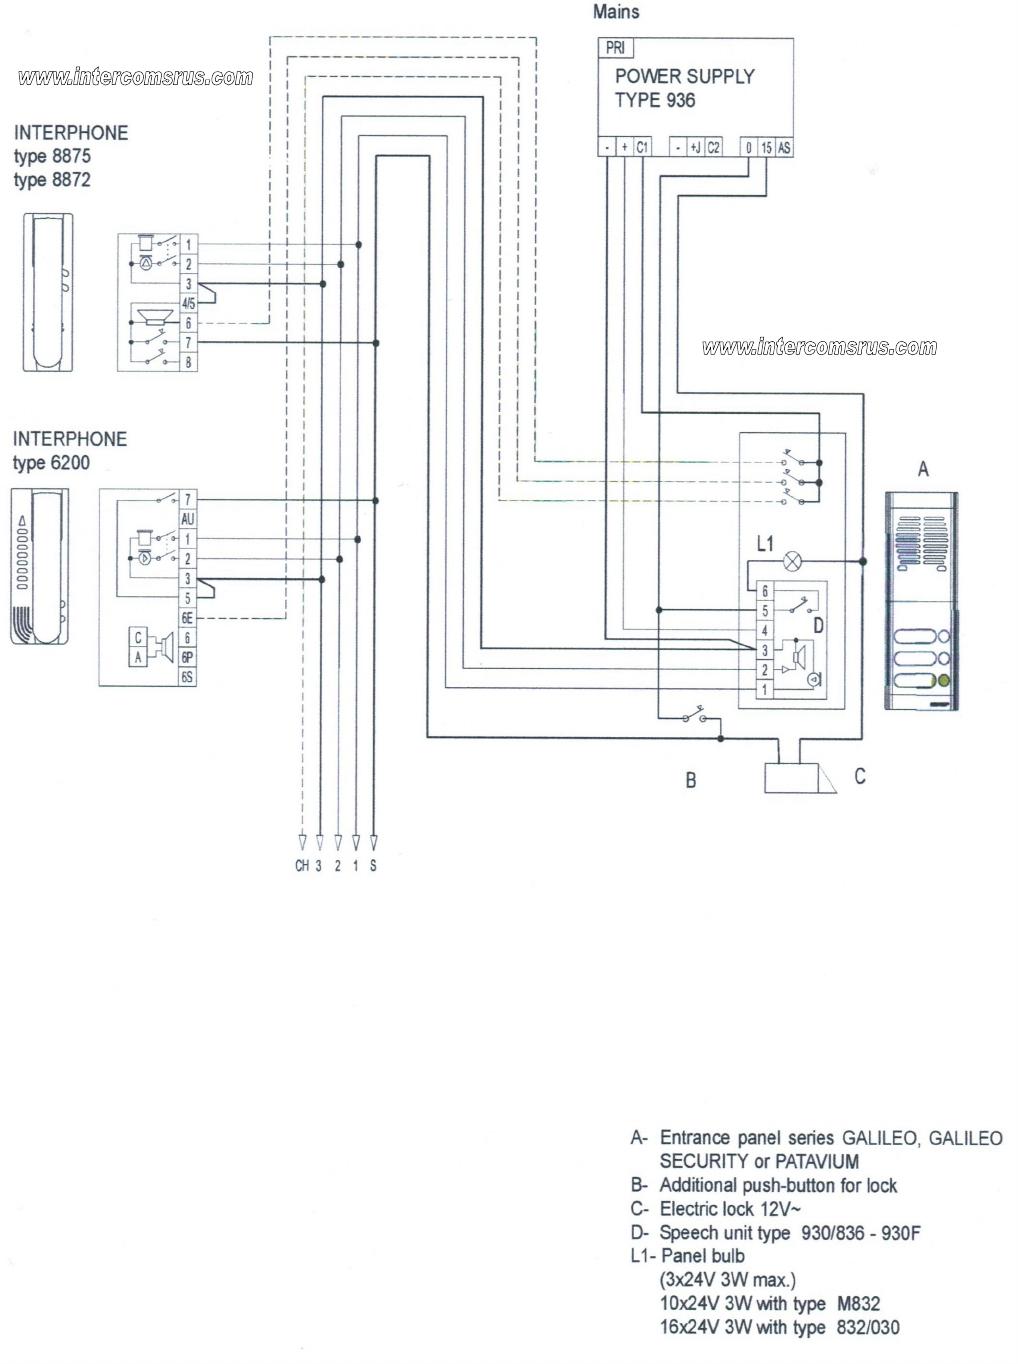 Fantastic Elvox 6200 Intercom Handset Data Sheet Elvox6200 Wiring Digital Resources Honesemecshebarightsorg